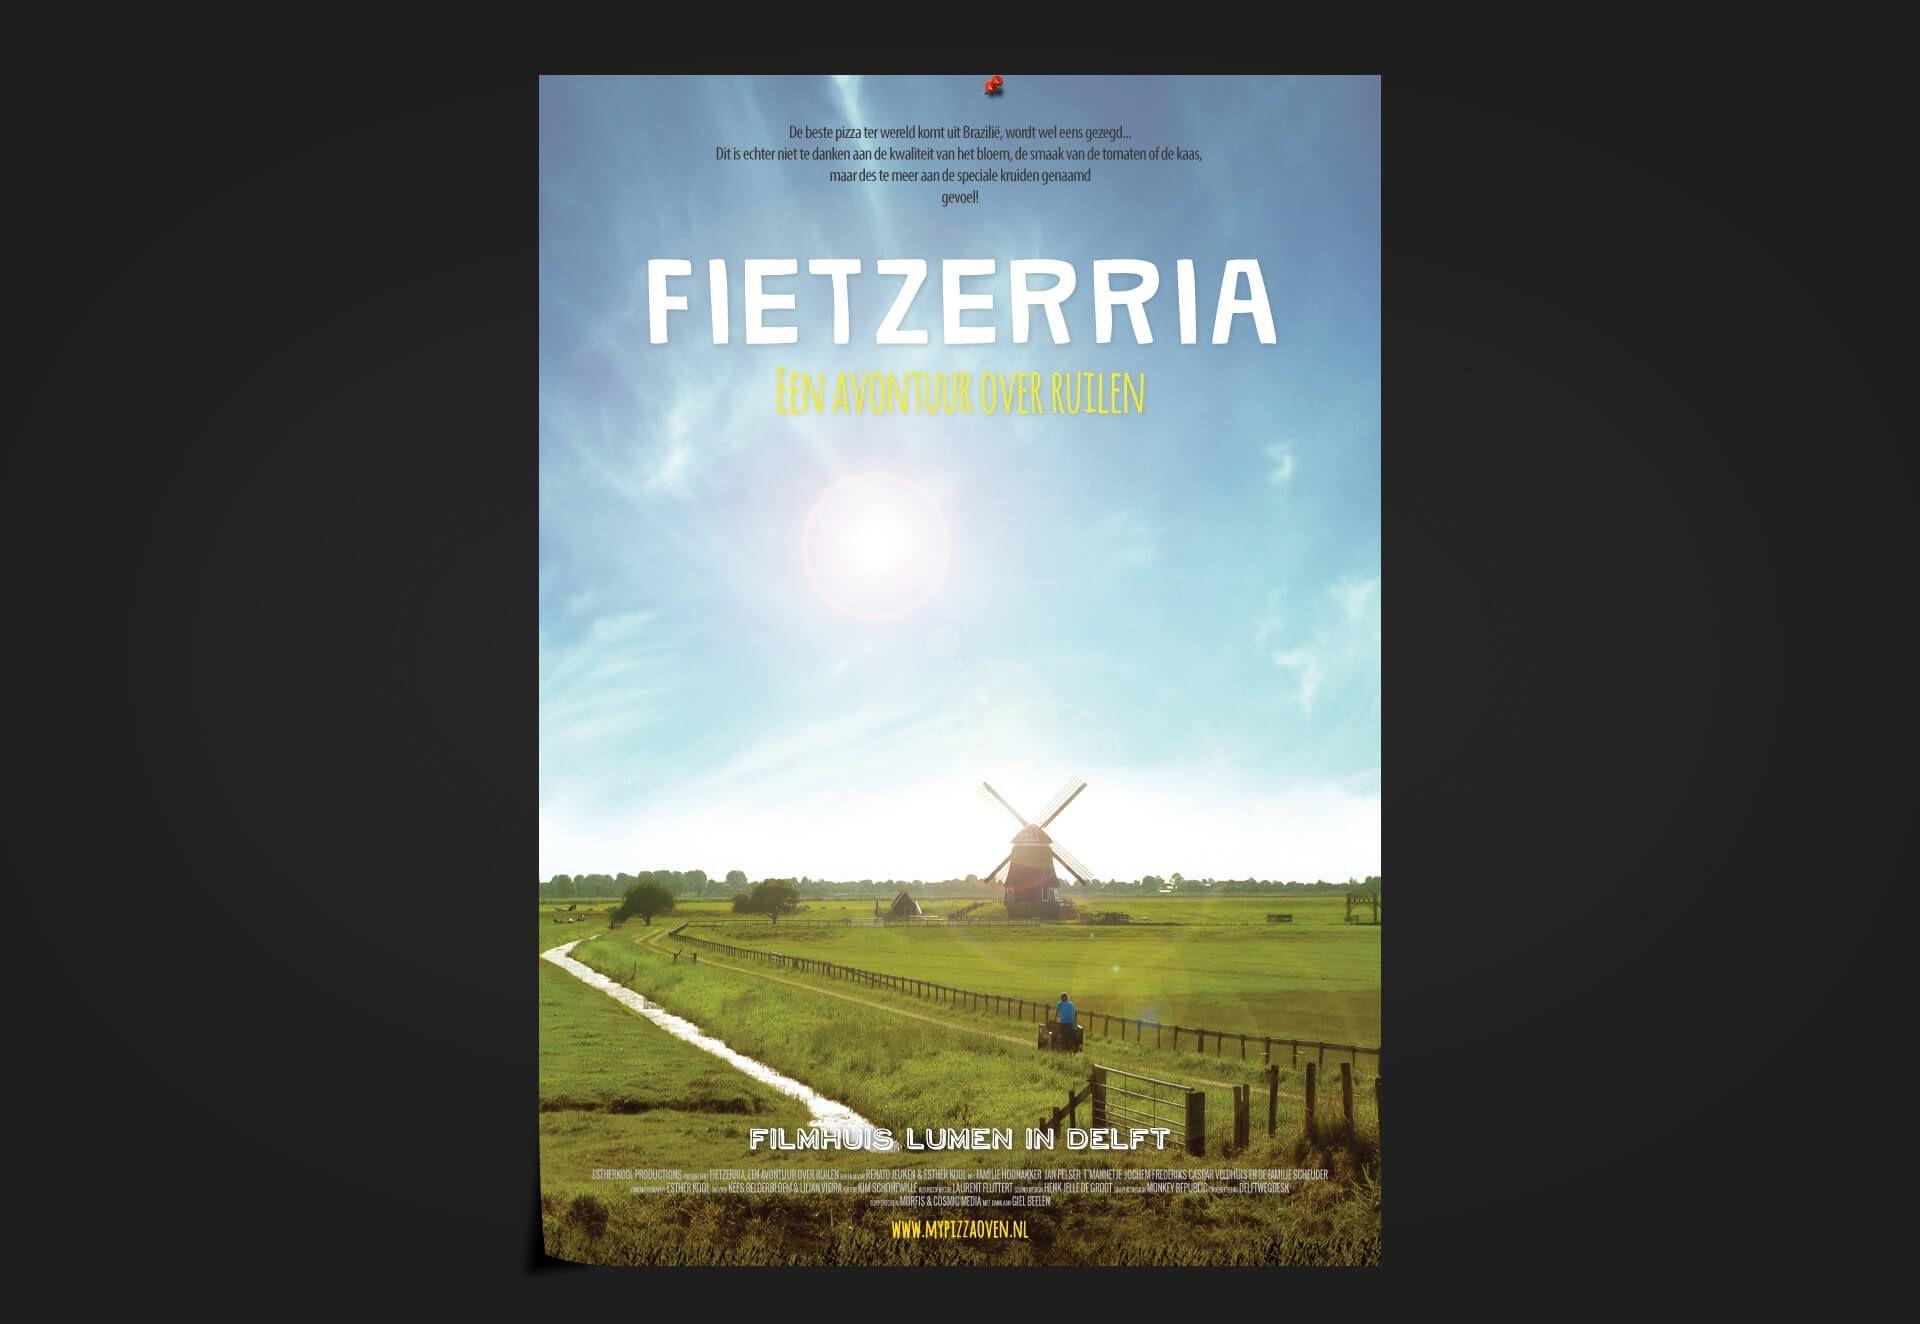 fietzerria.nl